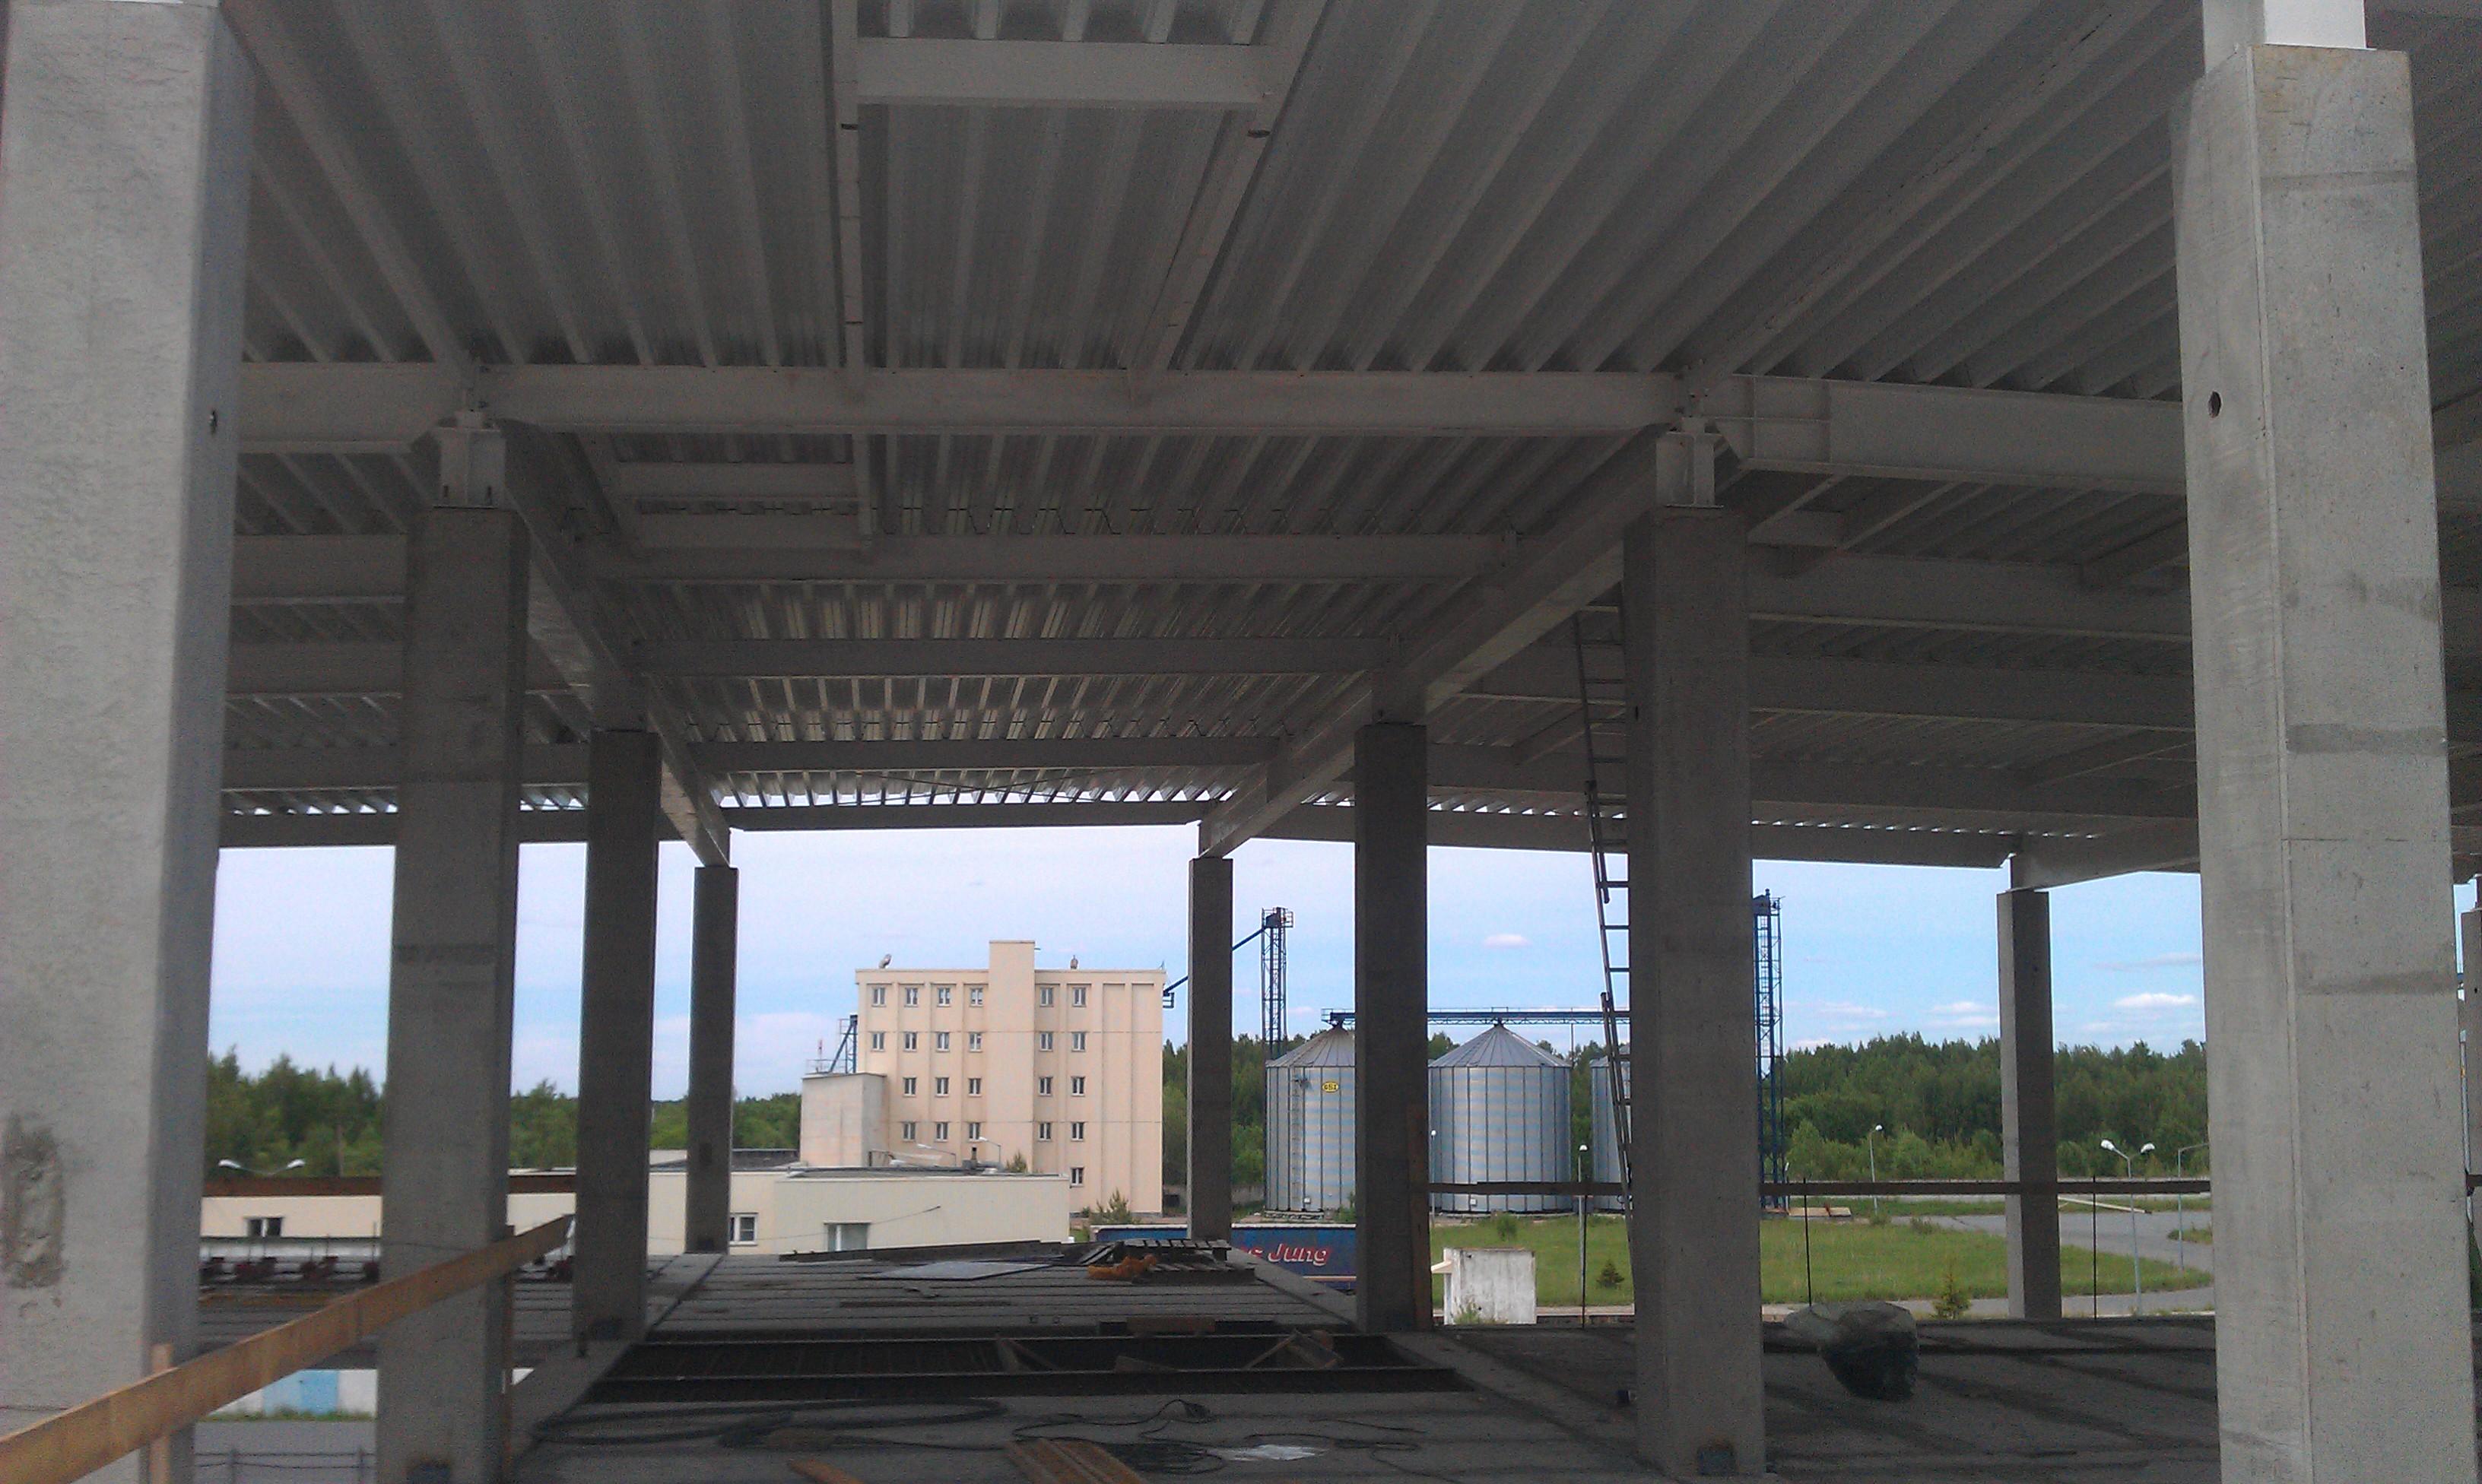 Завершены поставки металлоконструкций для строительства складского терминала в городе Жуковский